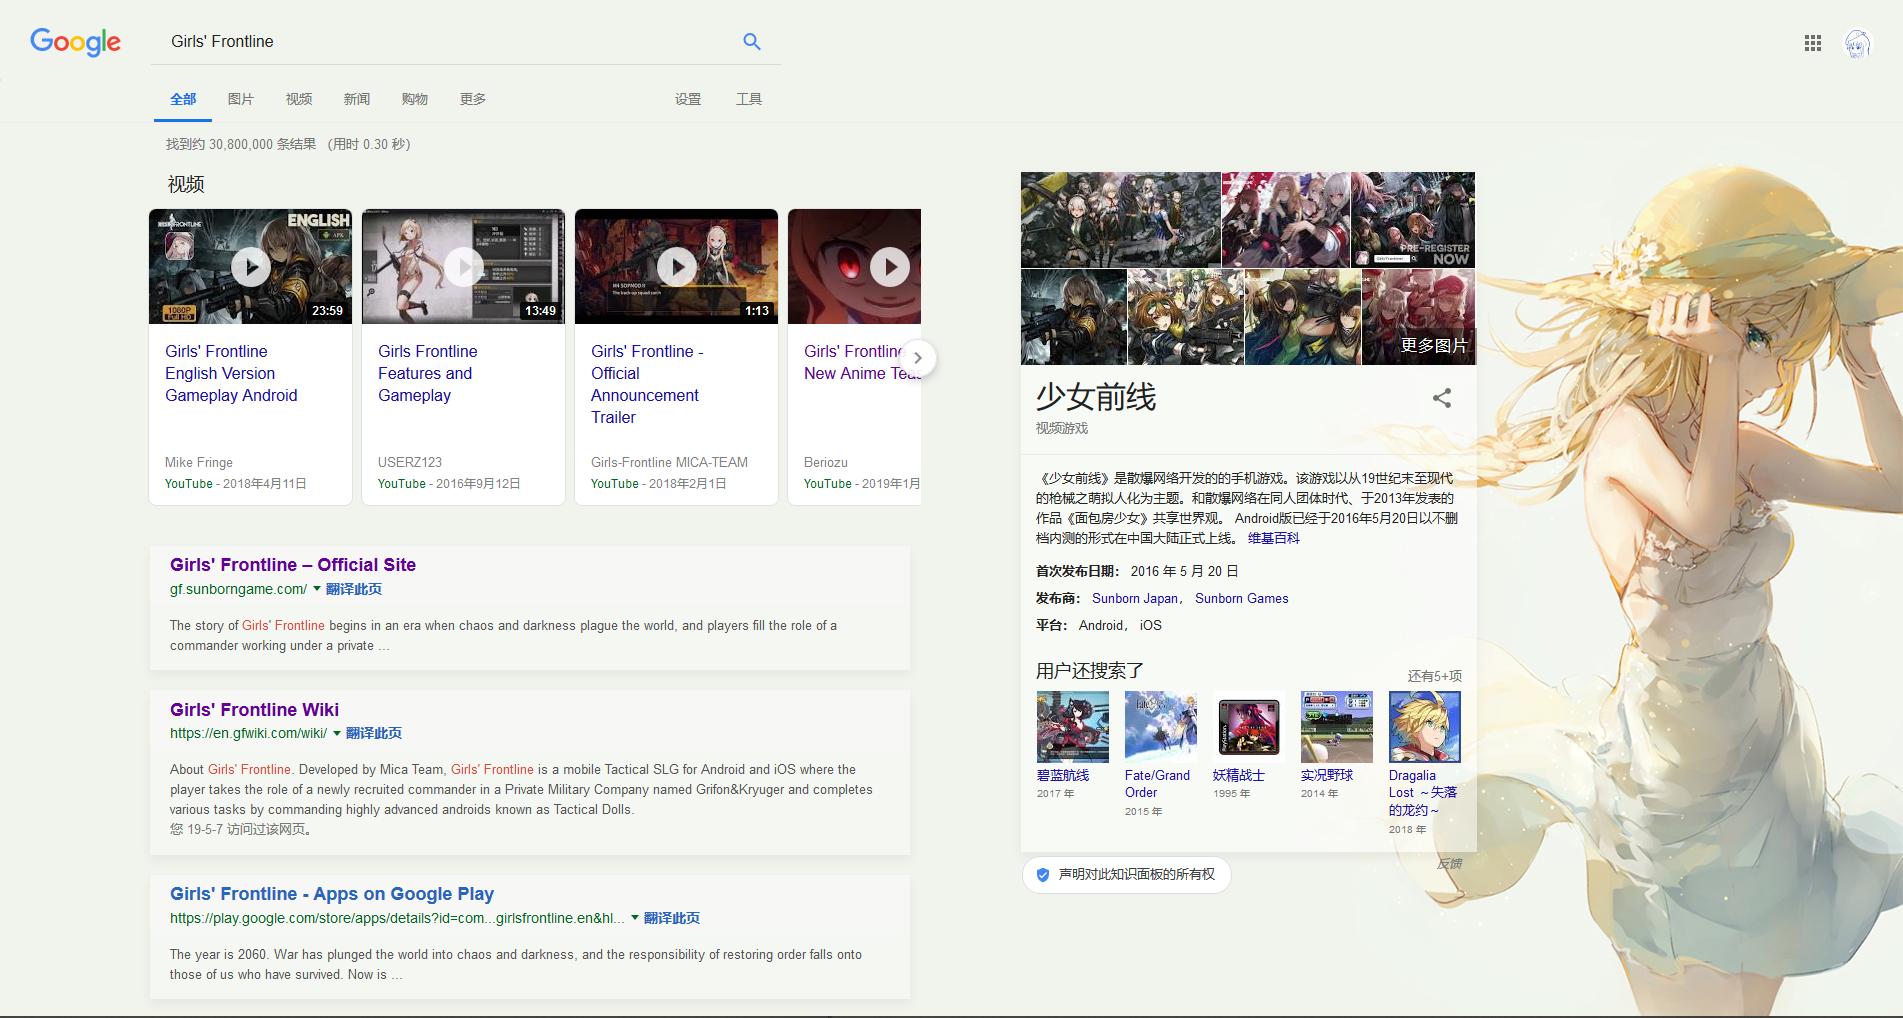 谷歌效果图